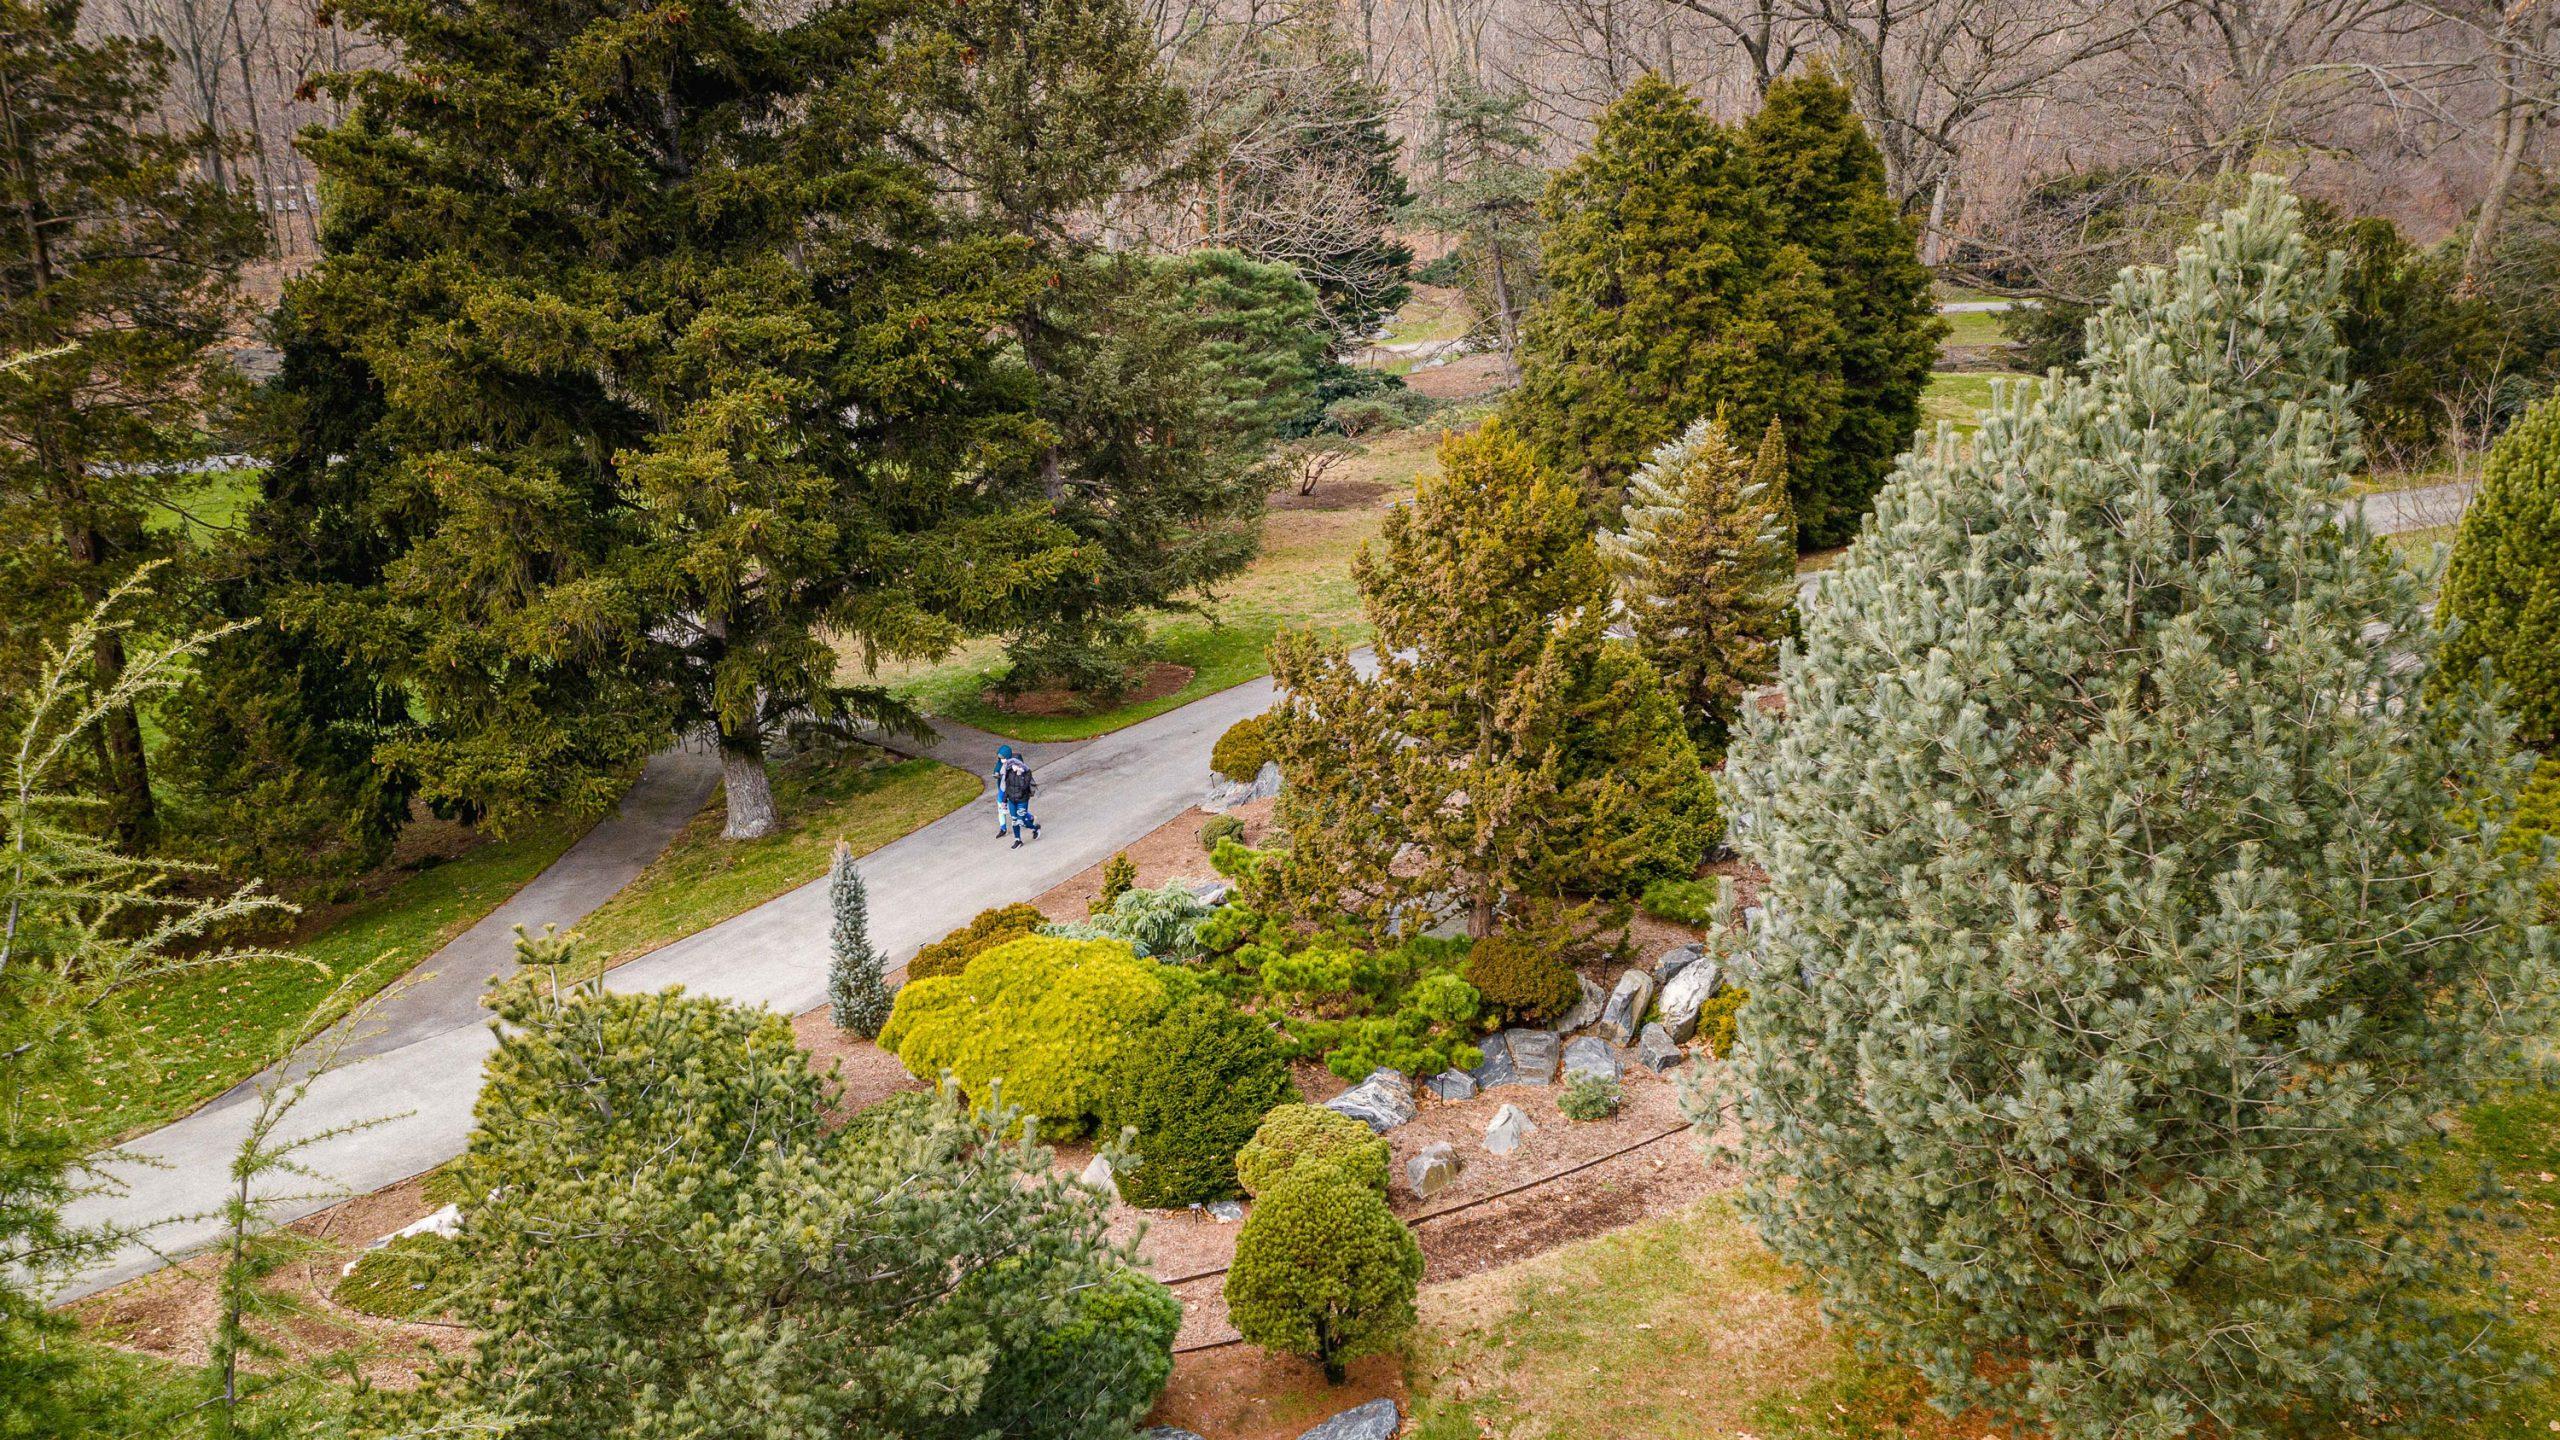 Drone photo of the Benenson Ornamental Conifers